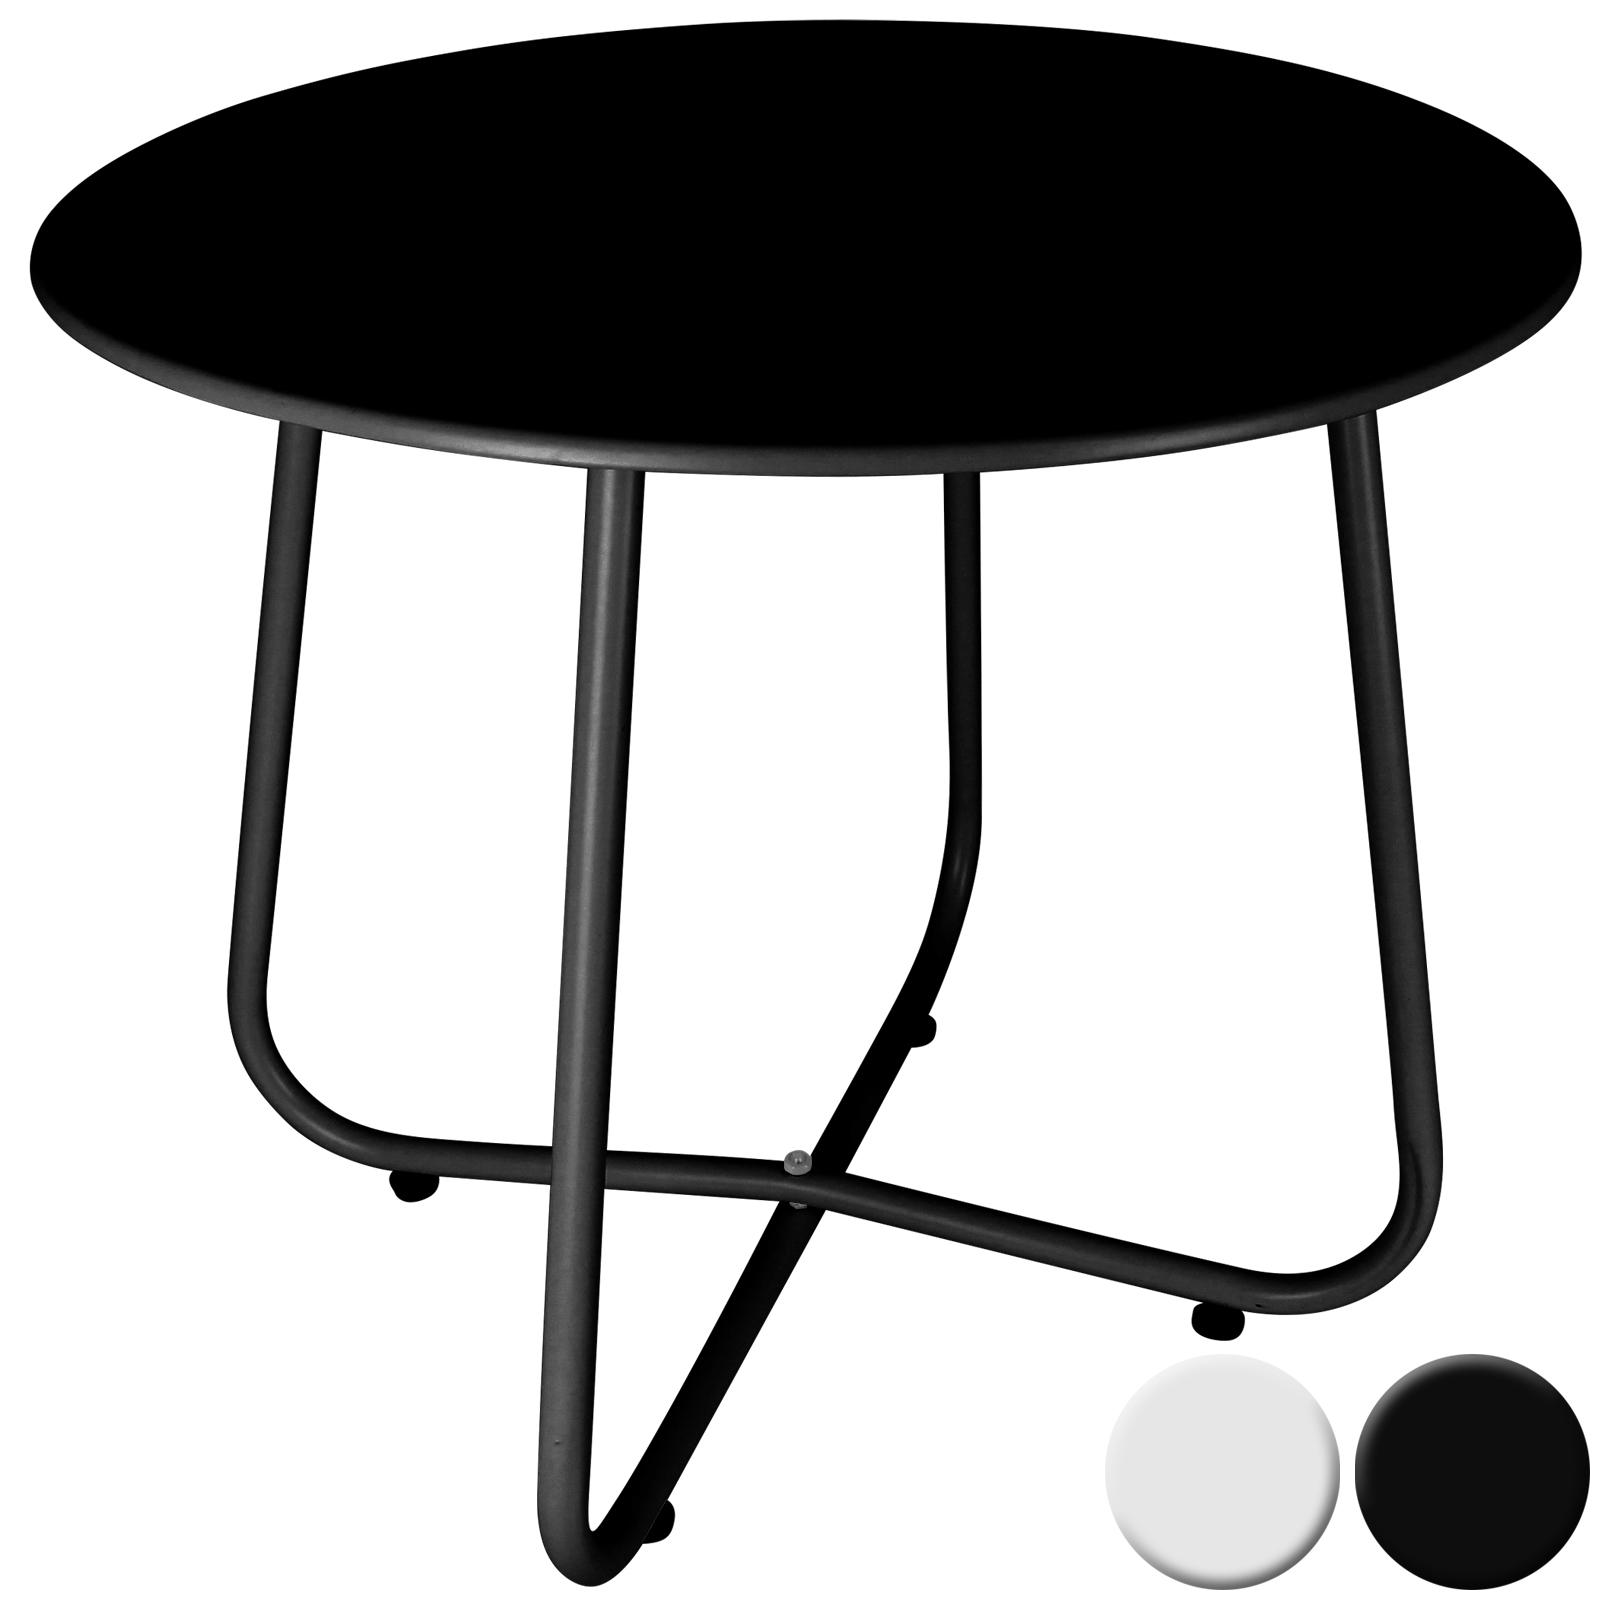 beistelltisch couchtisch wohnzimmertisch gartentisch balkontisch tisch rund 50cm ebay. Black Bedroom Furniture Sets. Home Design Ideas